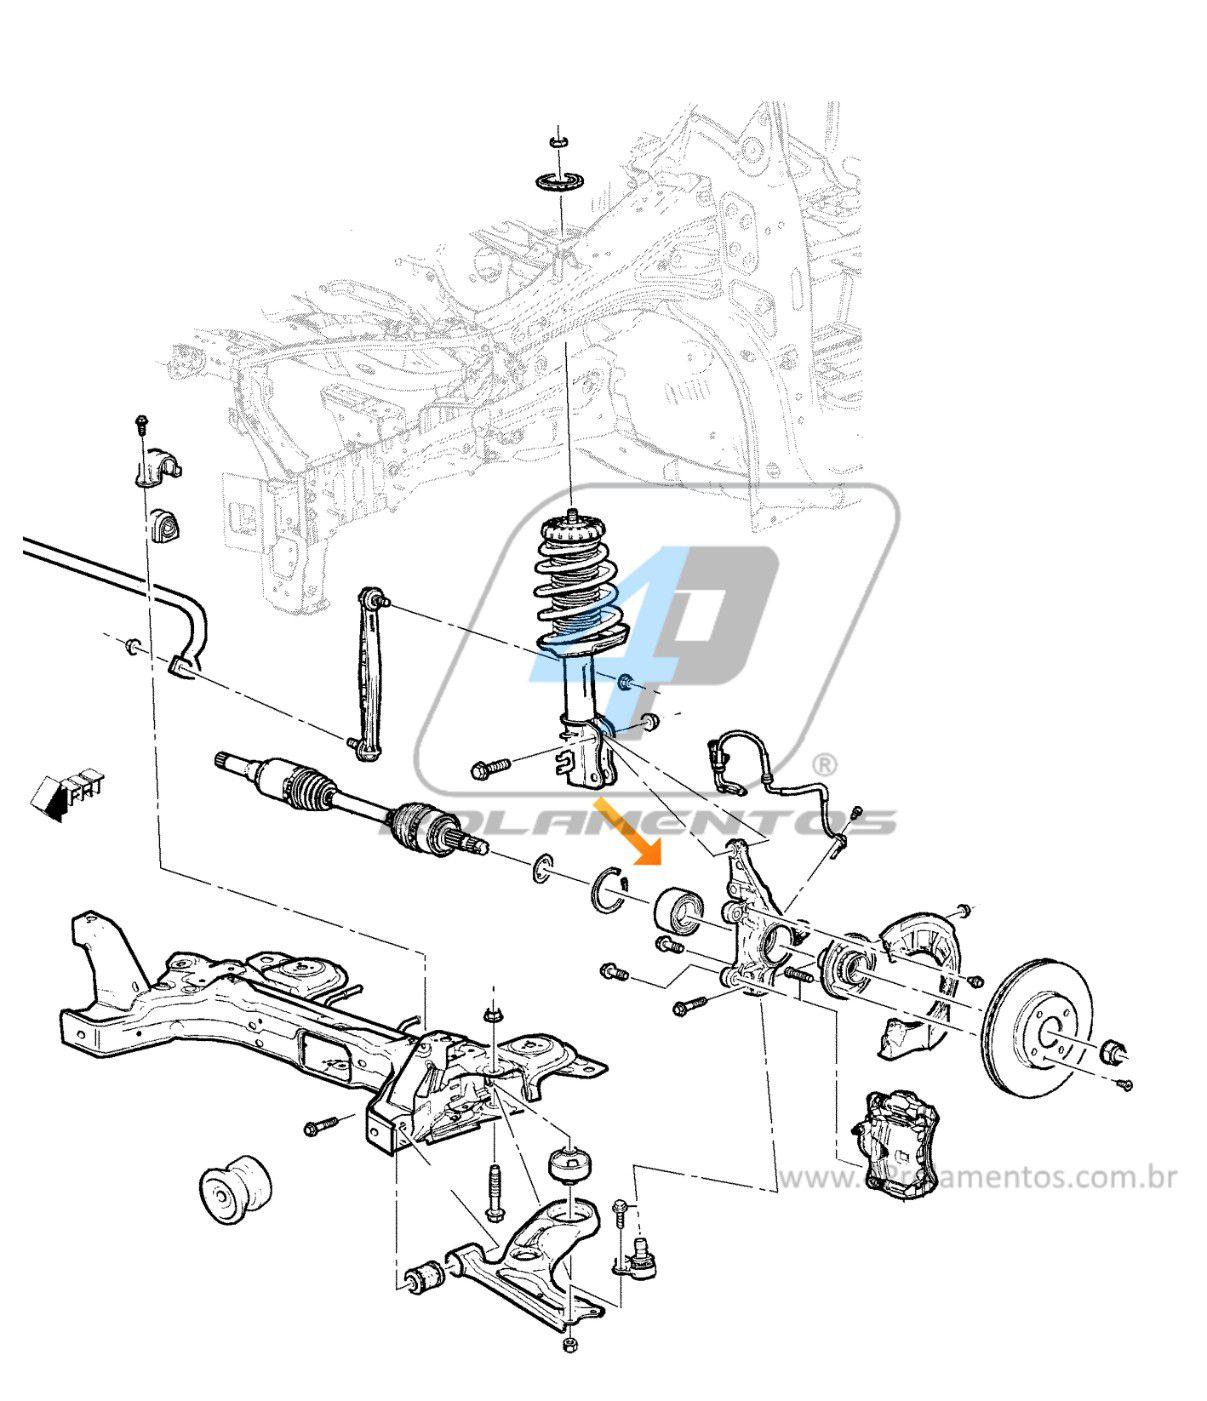 Rolamento de Roda Dianteira CHEVROLET Onix 2012 até 2016